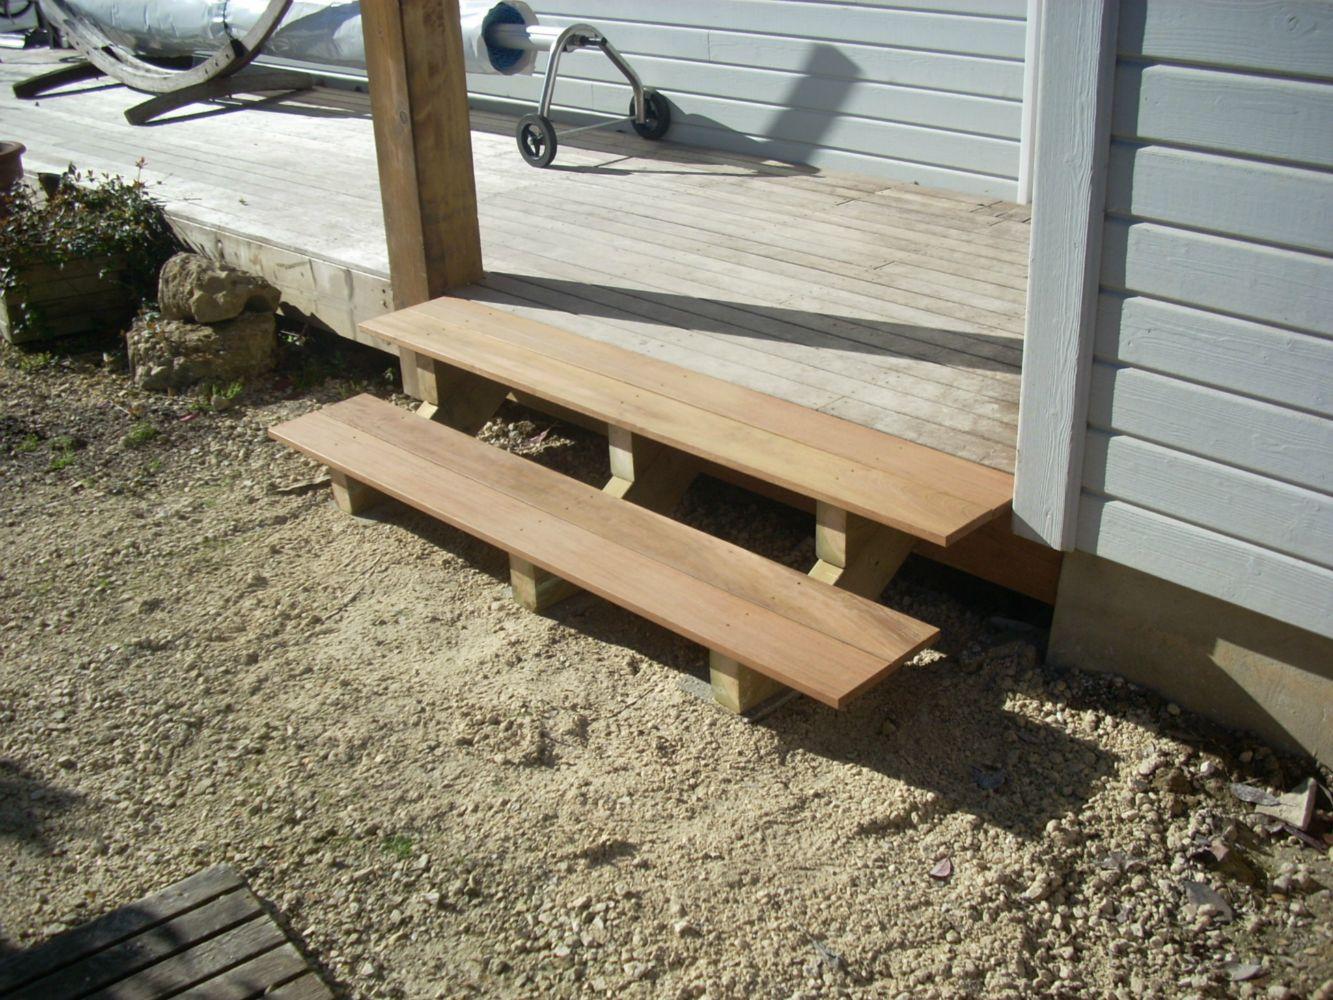 Escalier ext rieur en bois artisan charpente menuiserie for Escalier exterieur bois